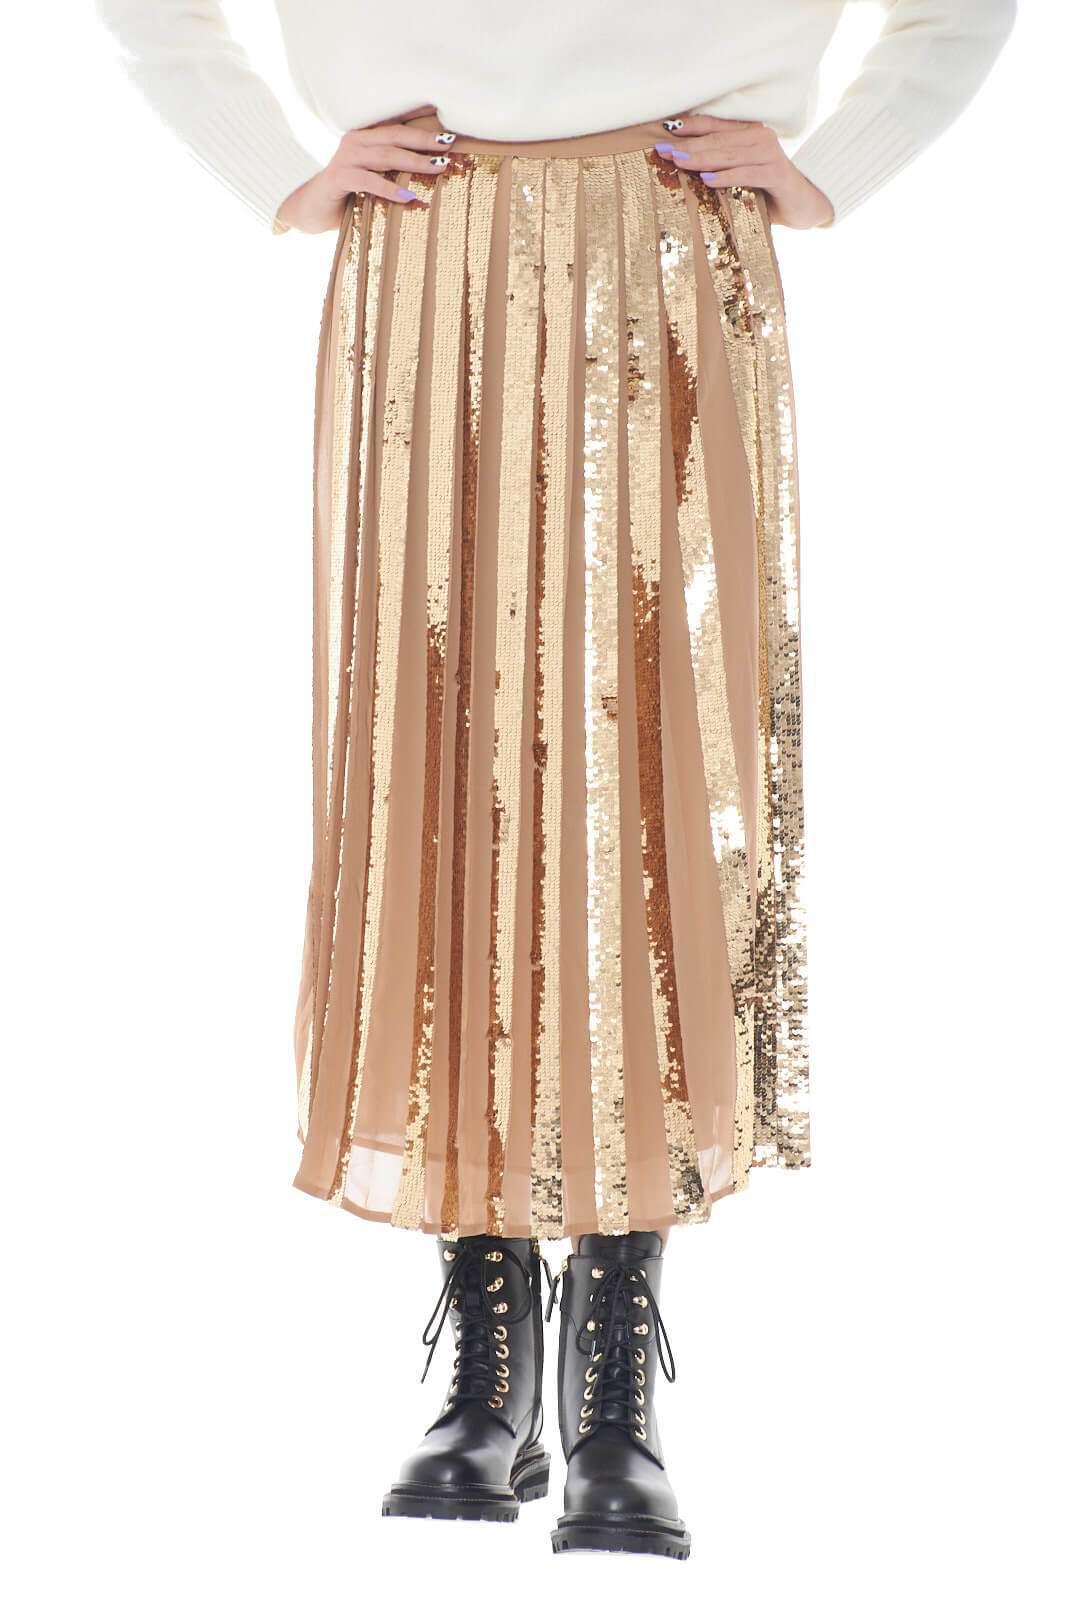 Una gonna dala carattere fashion quella firmata da Twinset Milano. La versione lunga è impreziosita dal contrasto in paillettes, luminoso e glamour. Da abbinare con una tacco alto e una blusa per rendere il proprio look elegante e indimenticabile.